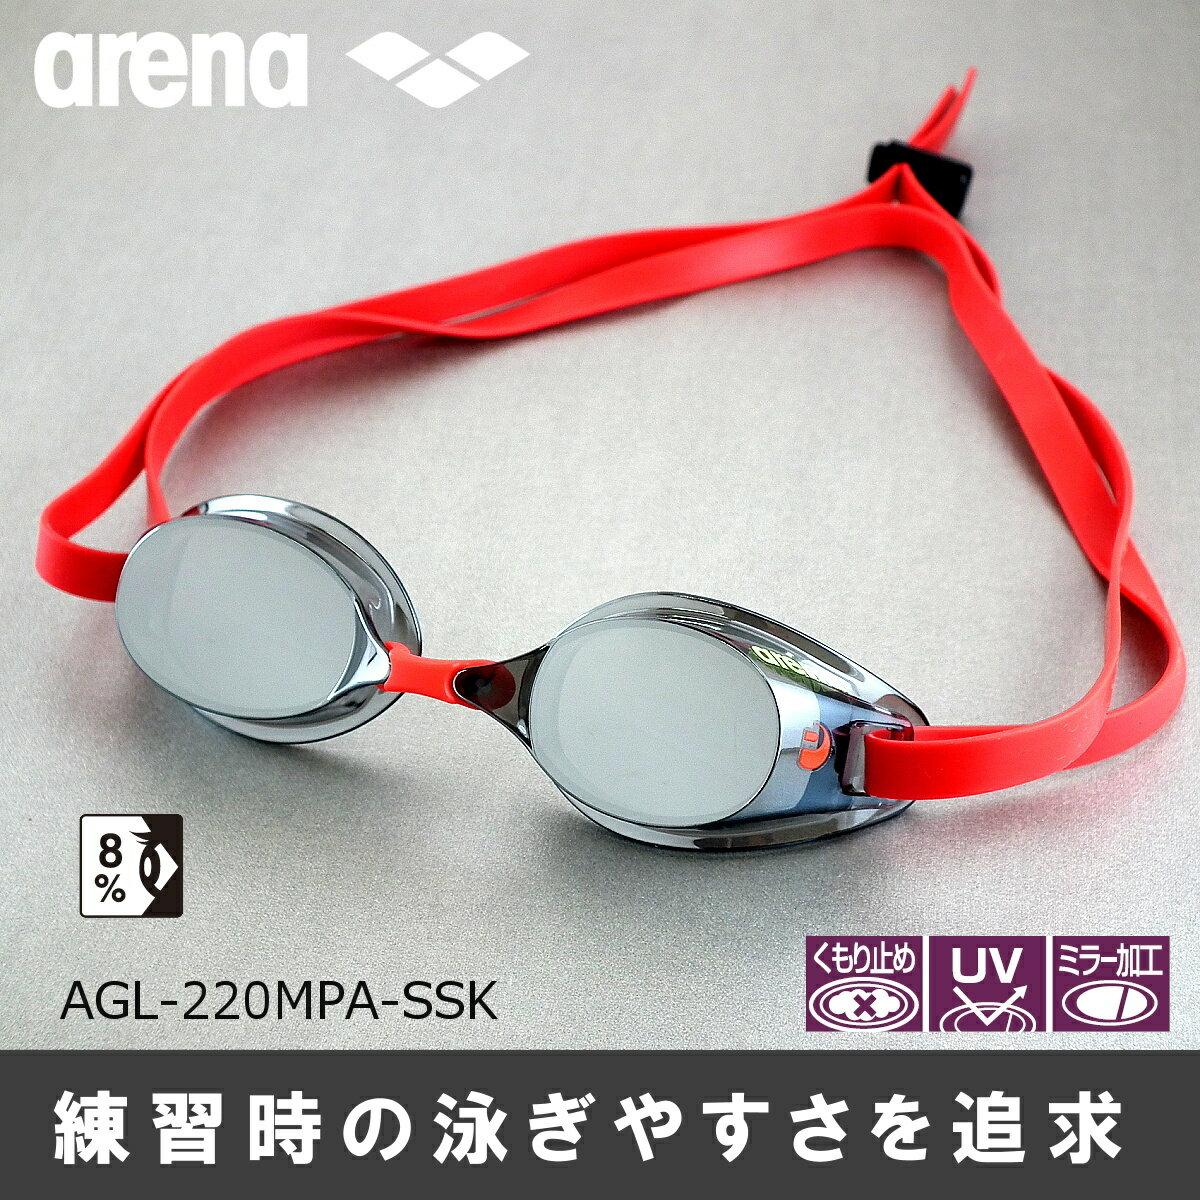 【水泳ゴーグル】【AGL-220MPA-SSK】ARENA(アリーナ)ノンクッションスイミングトレーニング用ゴーグル TOUGH STREAM(タフストリーム)ミラータイプ[スイミング/水泳/競泳トレーニング用/レーシング/クッションなし]